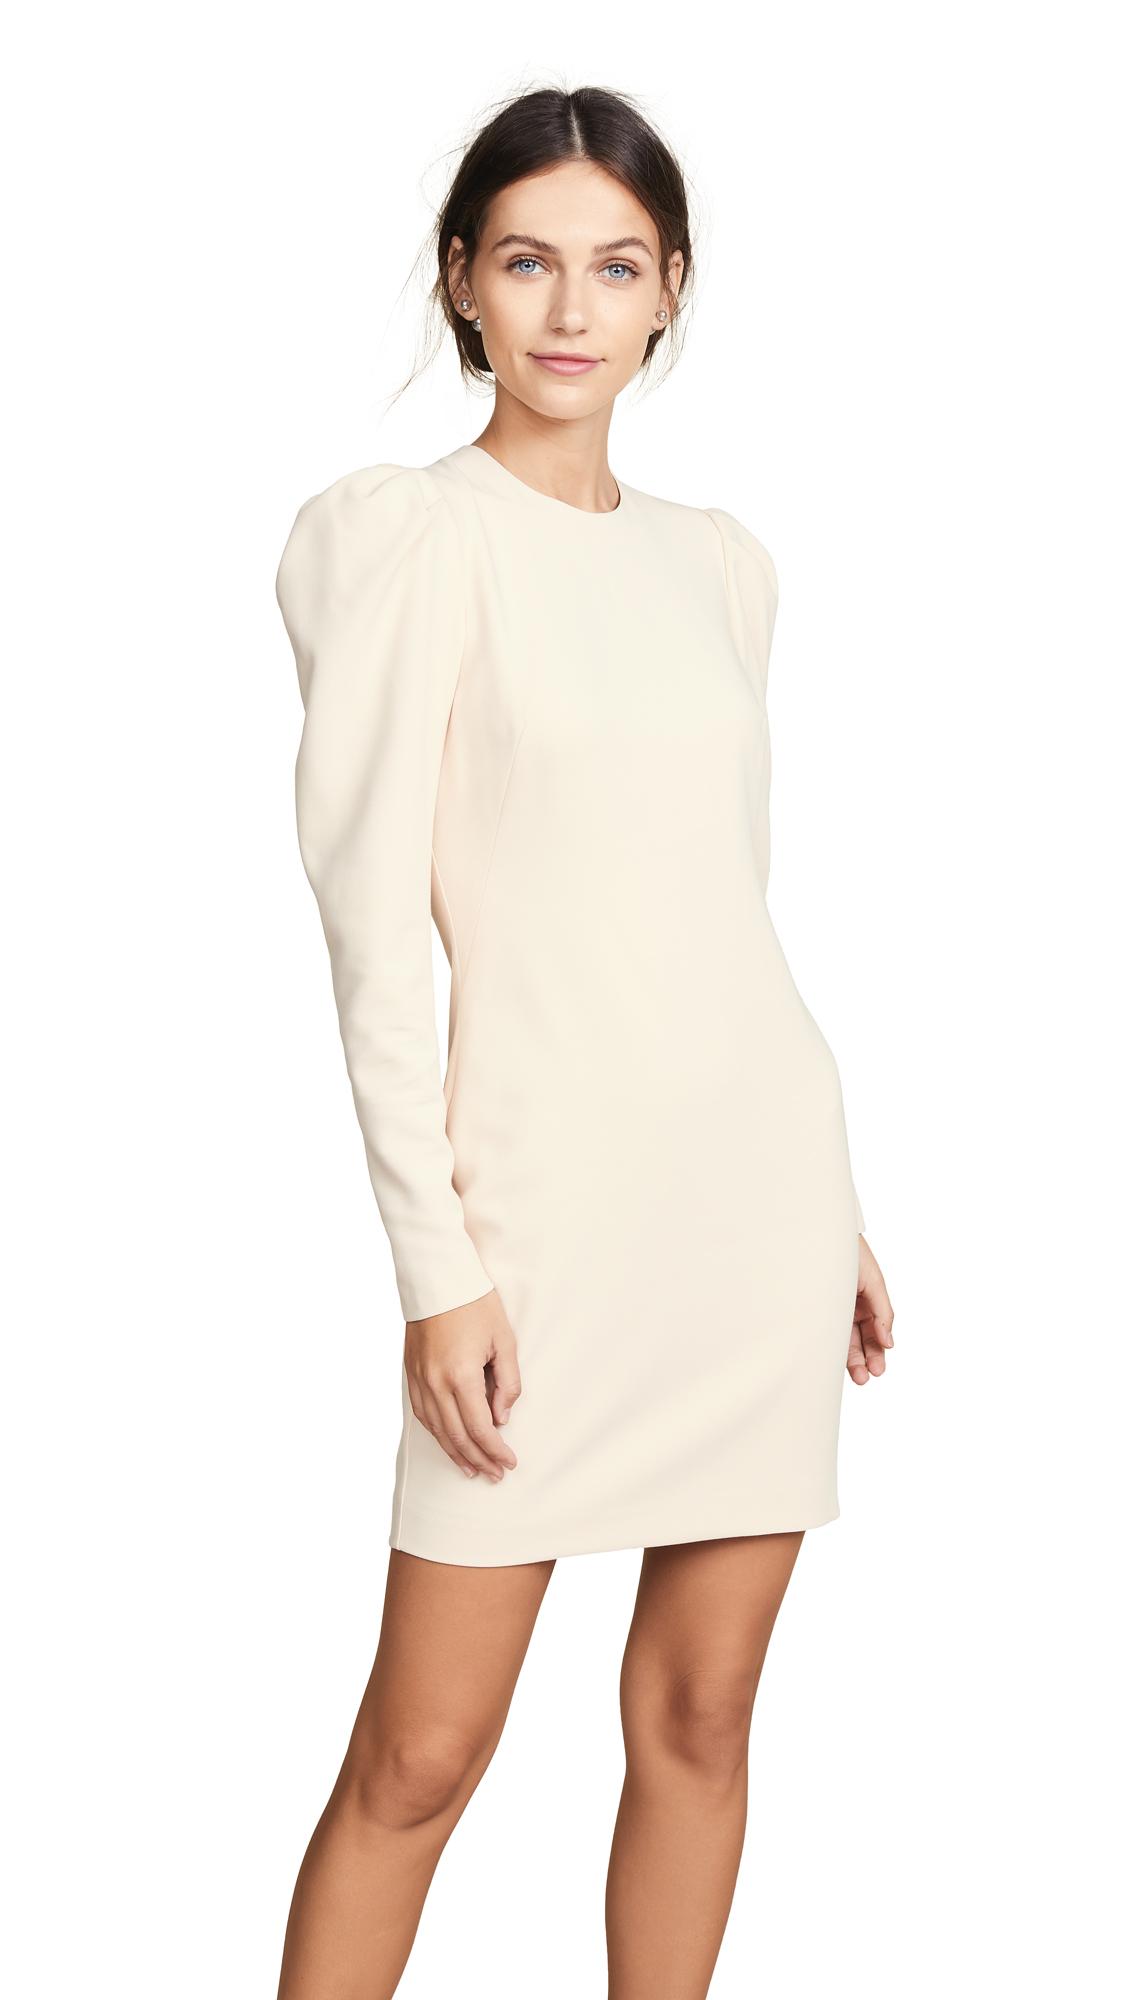 Hadley Mini Dress in Buttercream